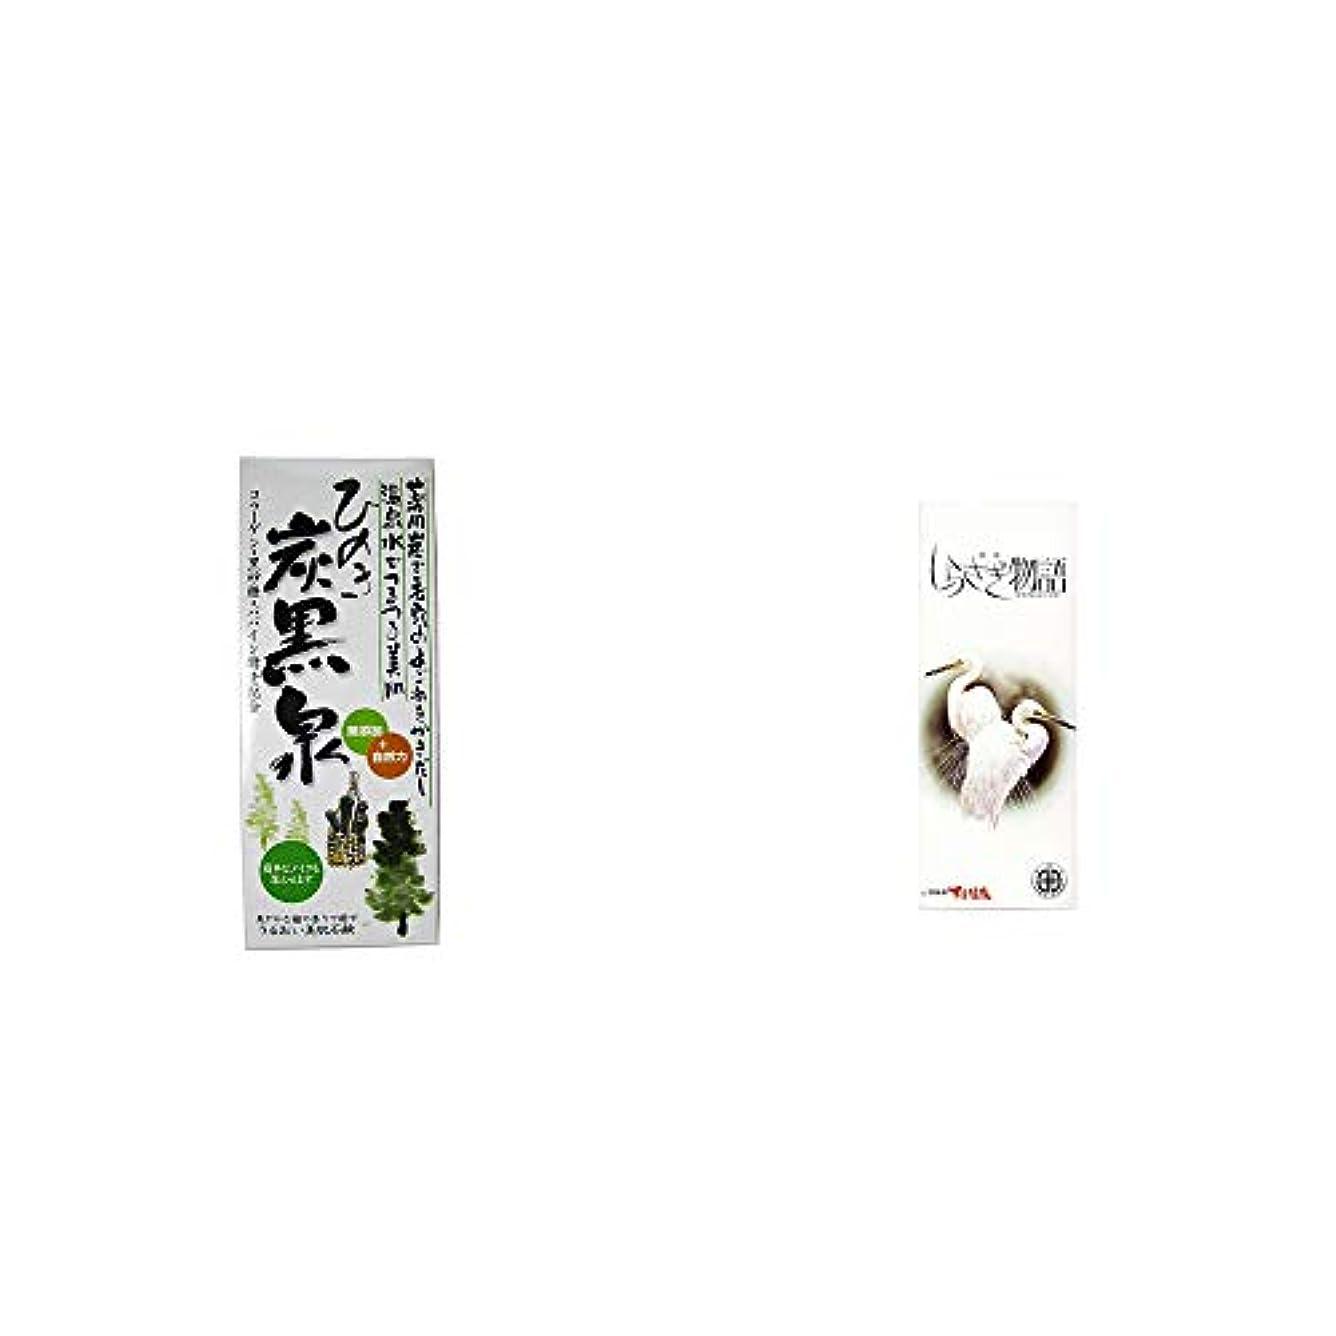 ジャングル子供達信念[2点セット] ひのき炭黒泉 箱入り(75g×3)?飛騨銘菓 しらさぎ物語 [特小](11枚入)